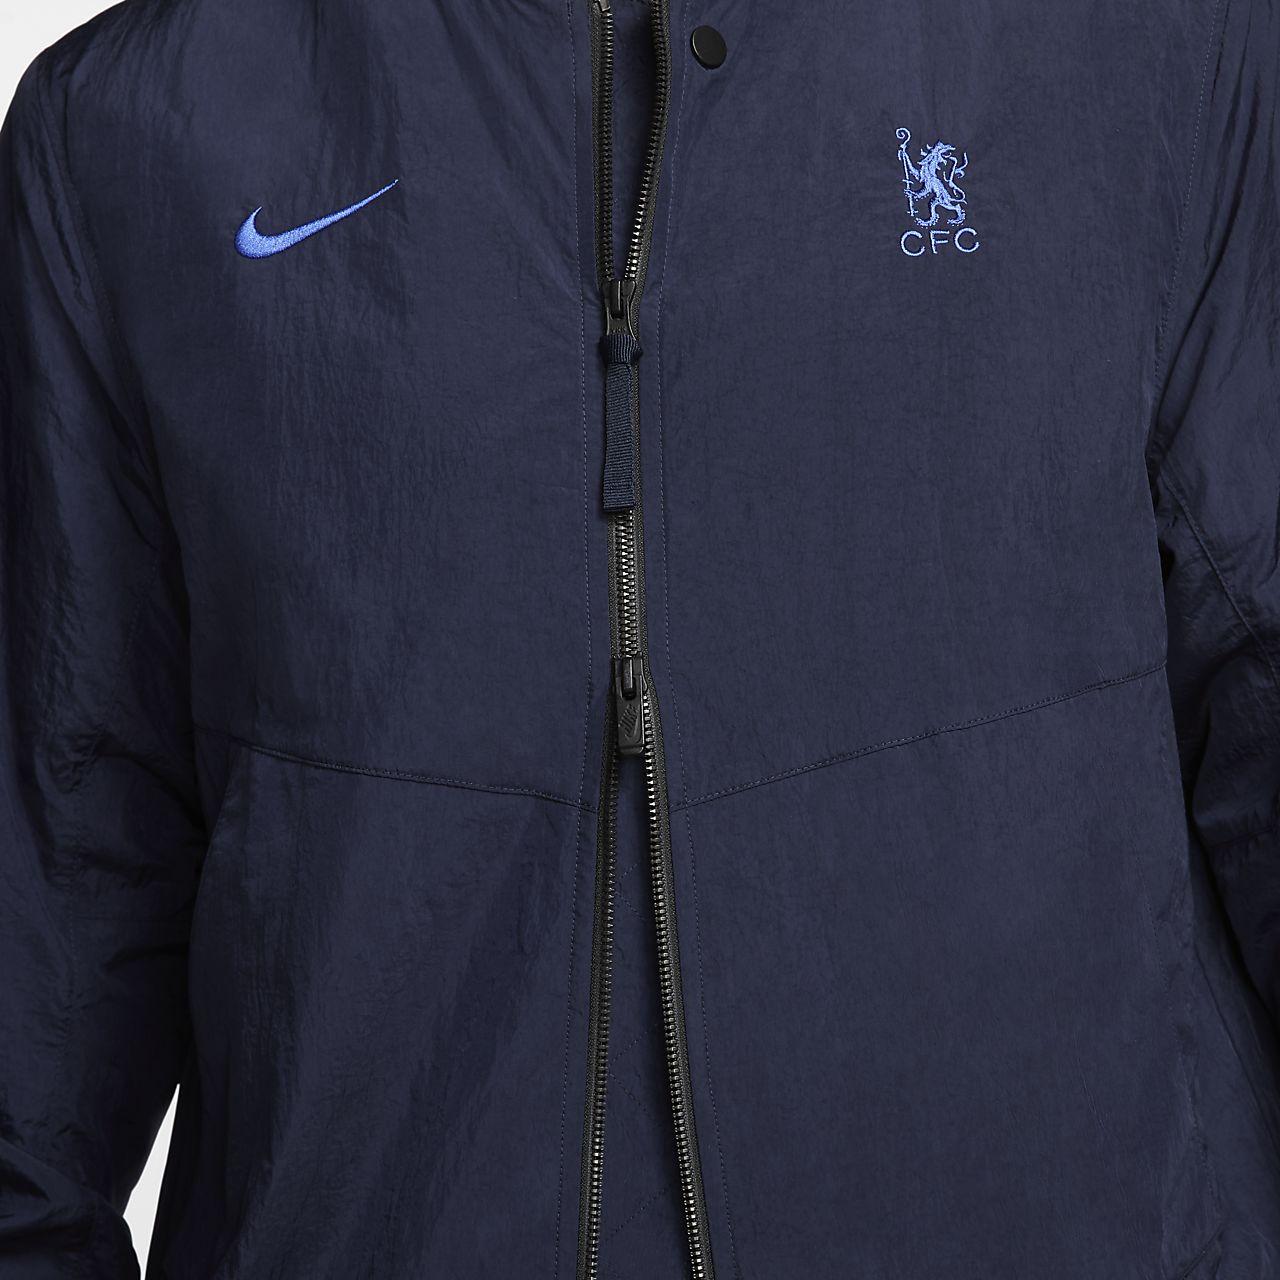 Chelsea FC Herren College Jacke